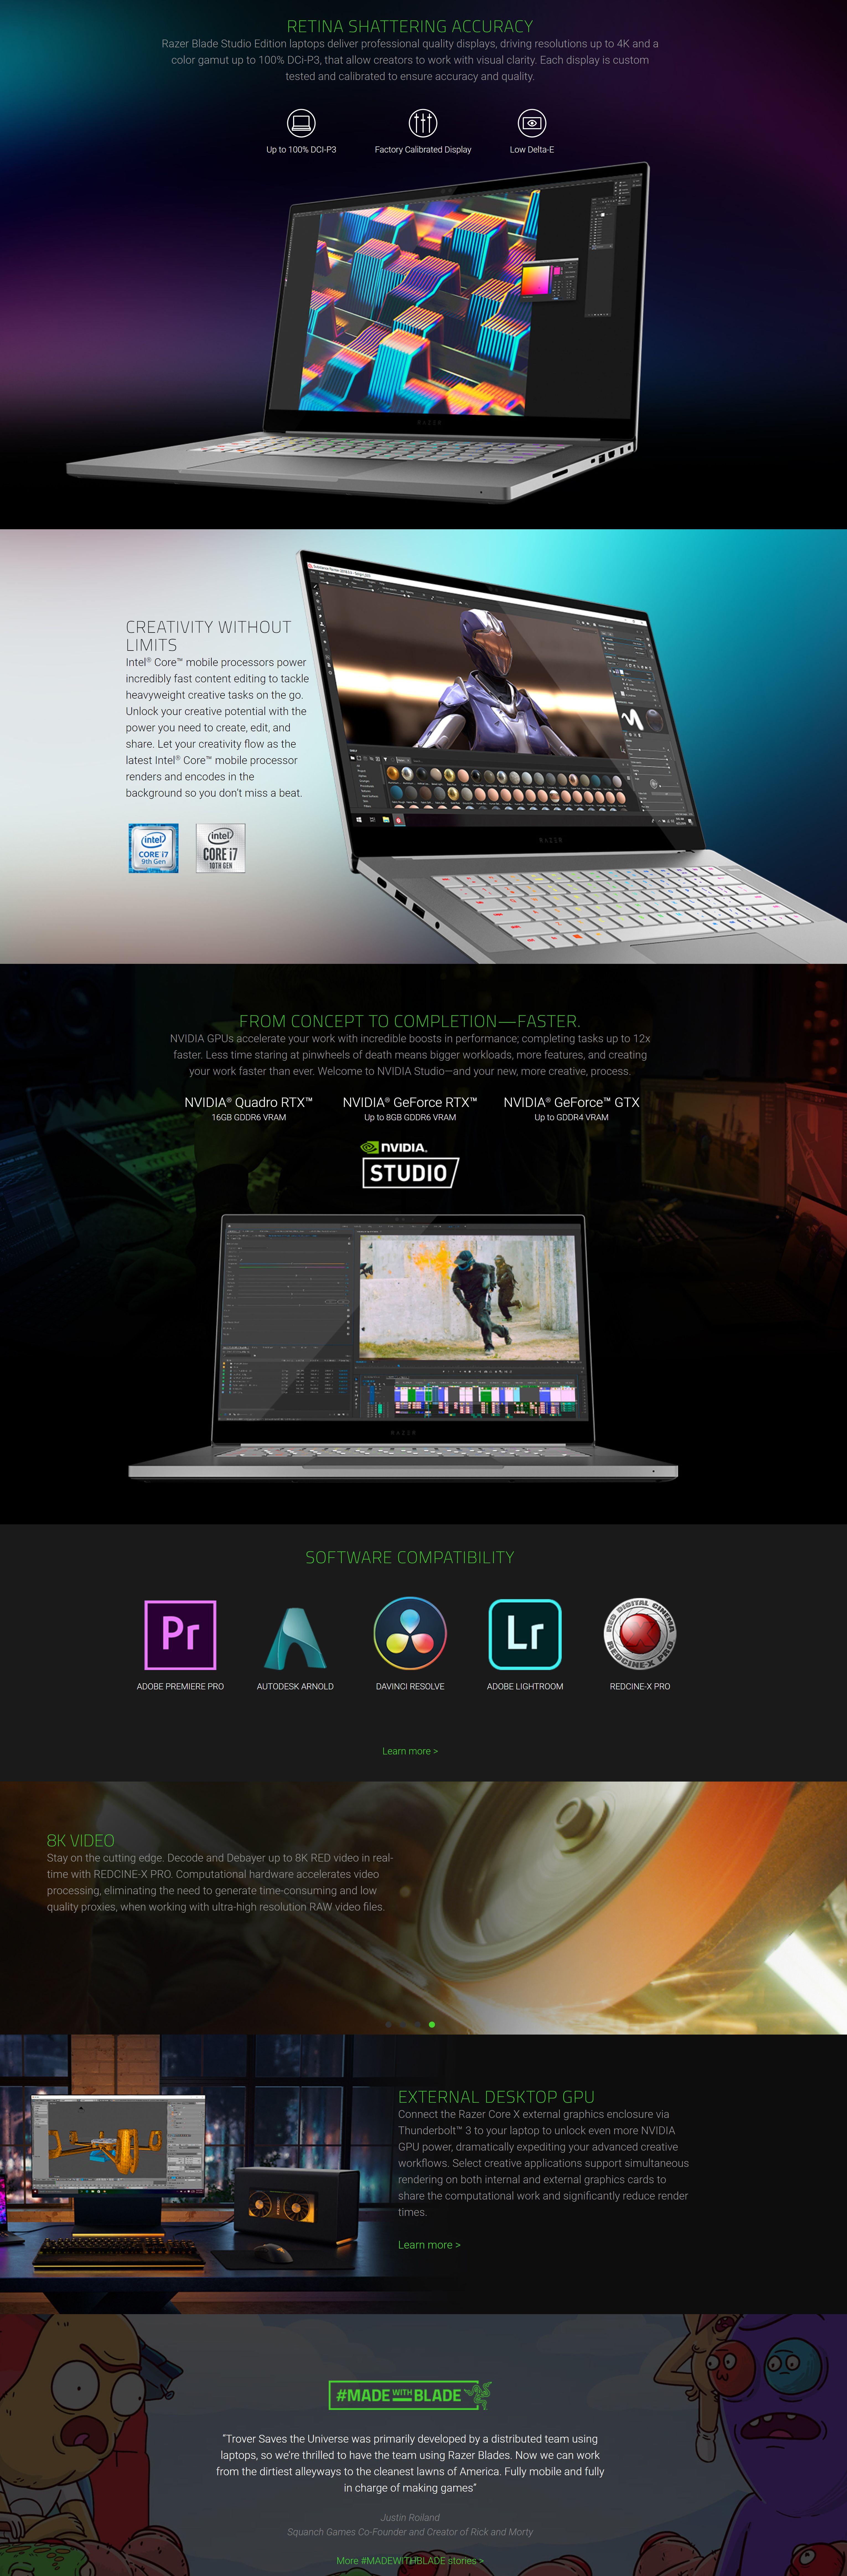 #1498 - 'Razer Blade Studio Edition Laptops' - www_razer_com.jpg